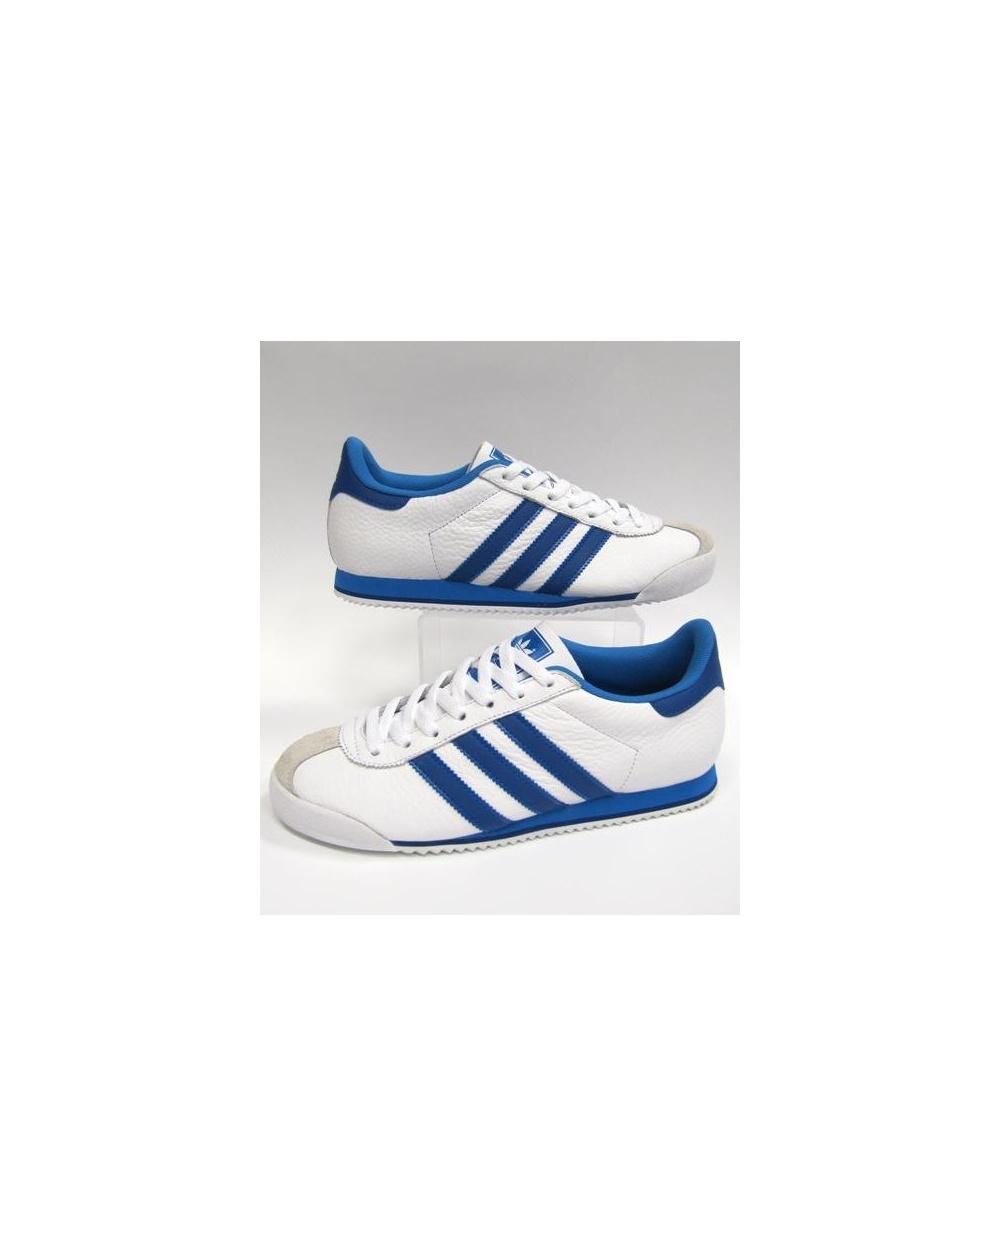 159b99e51f3 Adidas Kick Trainers White royal Blue